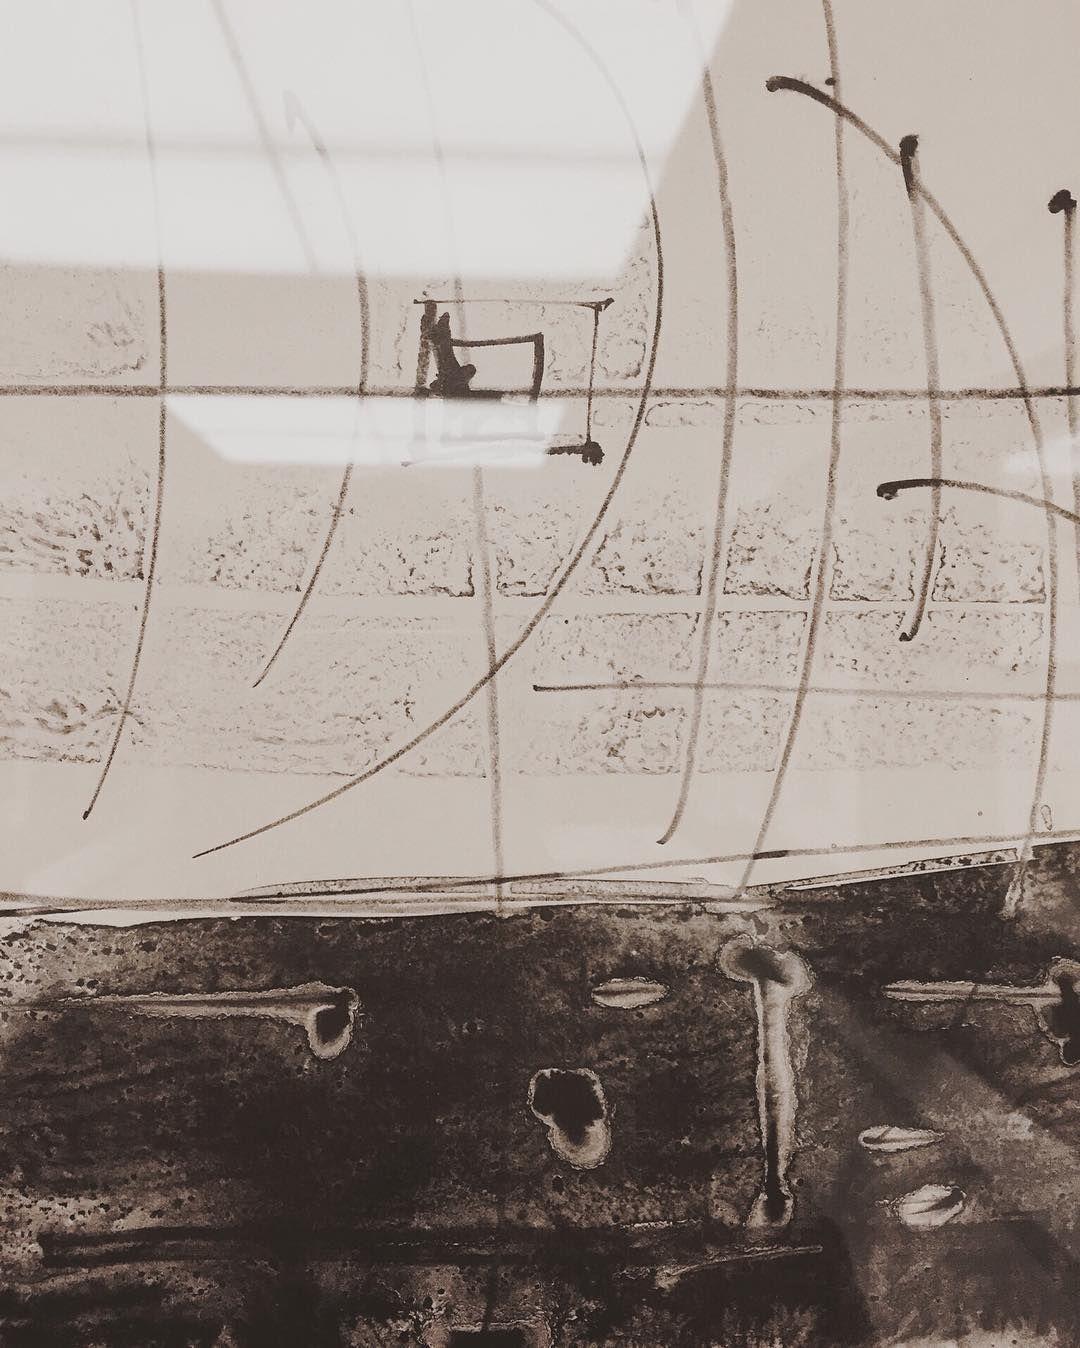 You'd like this one by milanovibes #homedesign #contratahotel (o) http://ift.tt/1WsvZEj Carmi. Appunti sul nostro tempo.  In mostra presso @museodel900 fino al 28 febbraio.